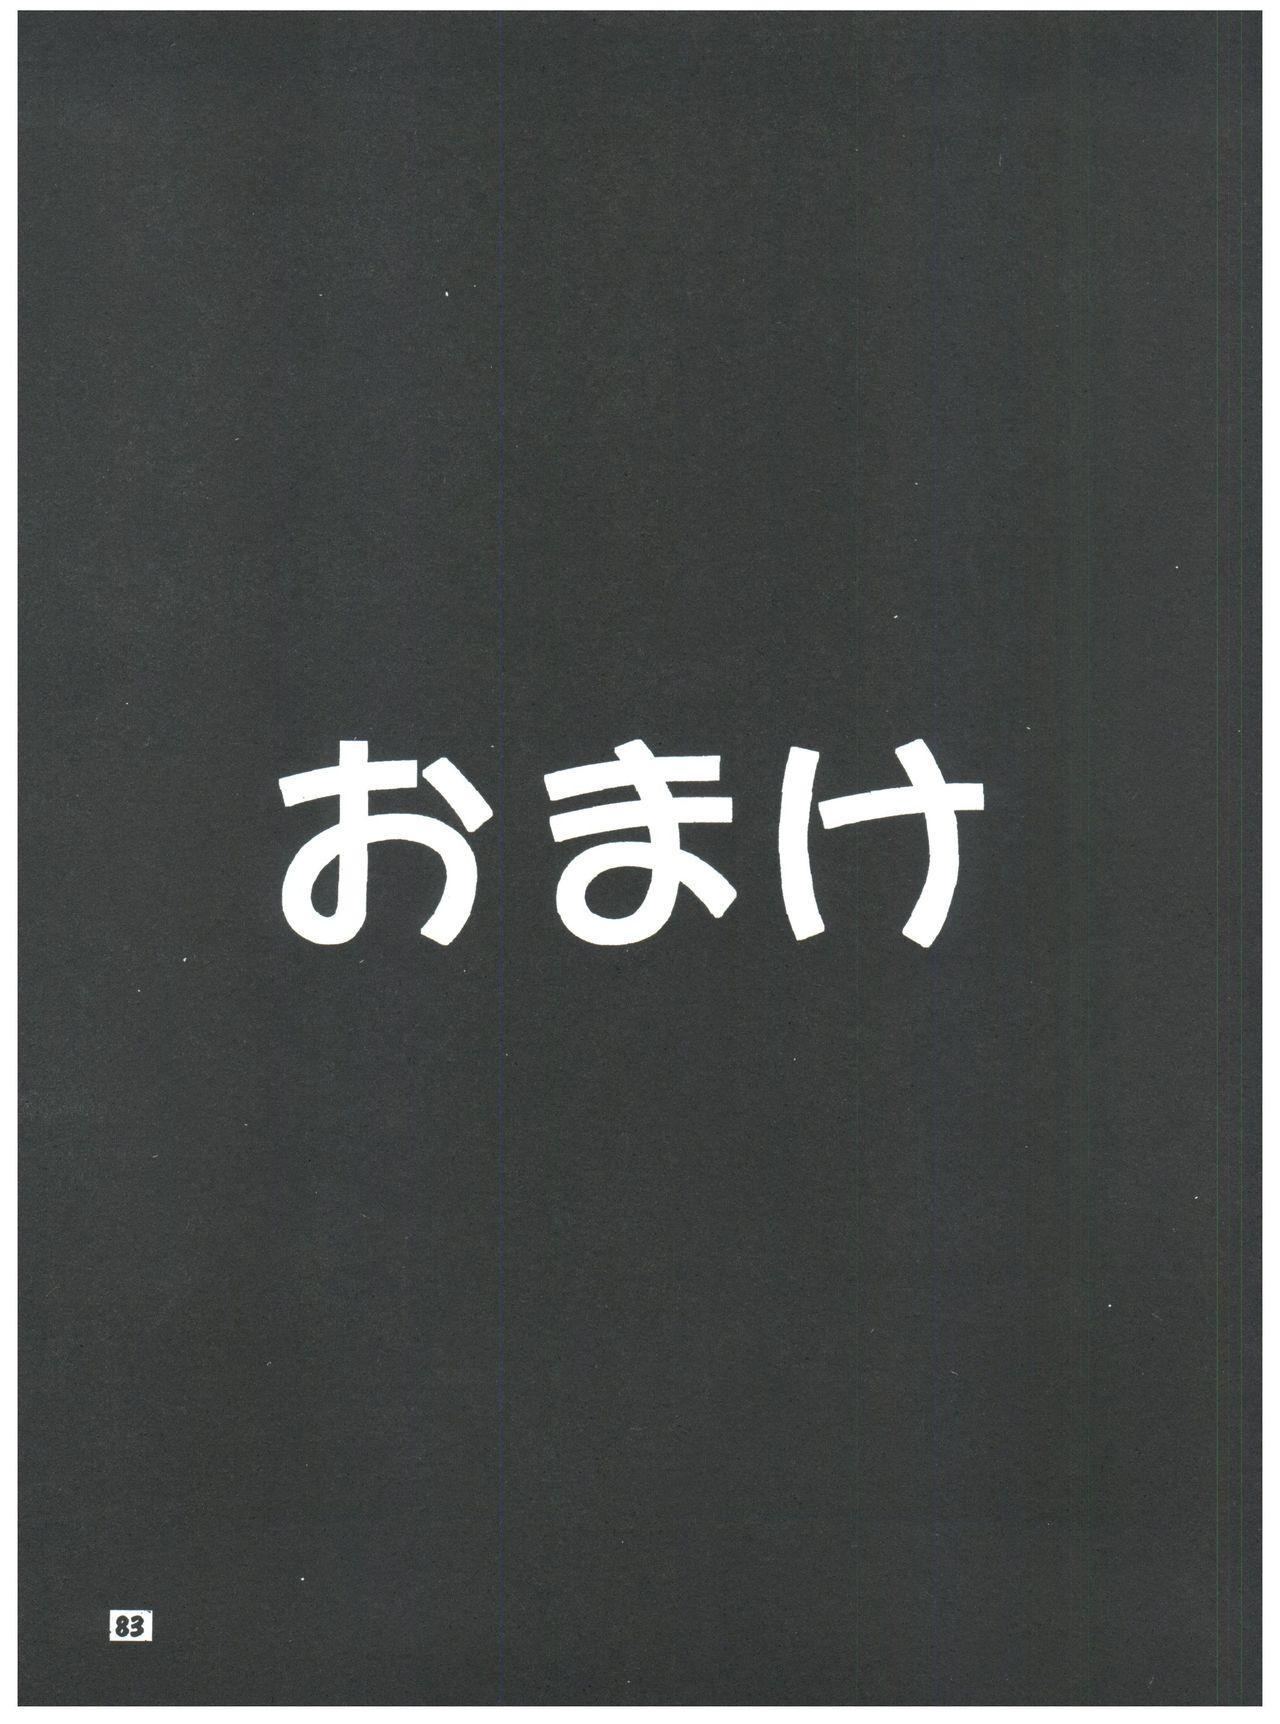 [Sairo Publishing (J. Sairo) En-Jack 2 (Various) 82